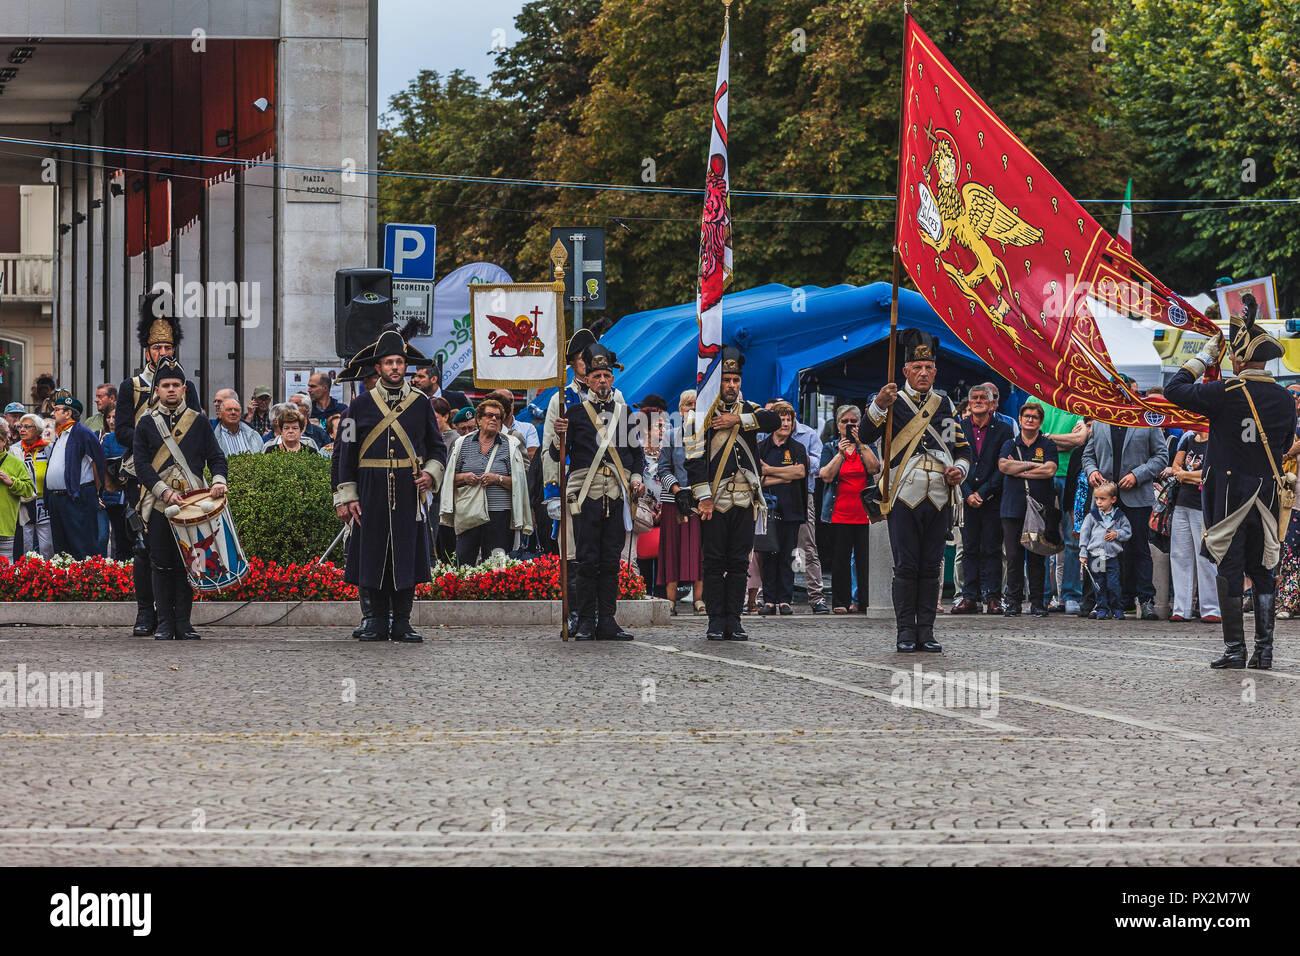 VITTORIO VENETO, Italia - 23 settembre 2018: rievocazione storica con persone vestite come ottocento militari della Repubblica di Venezia Foto Stock